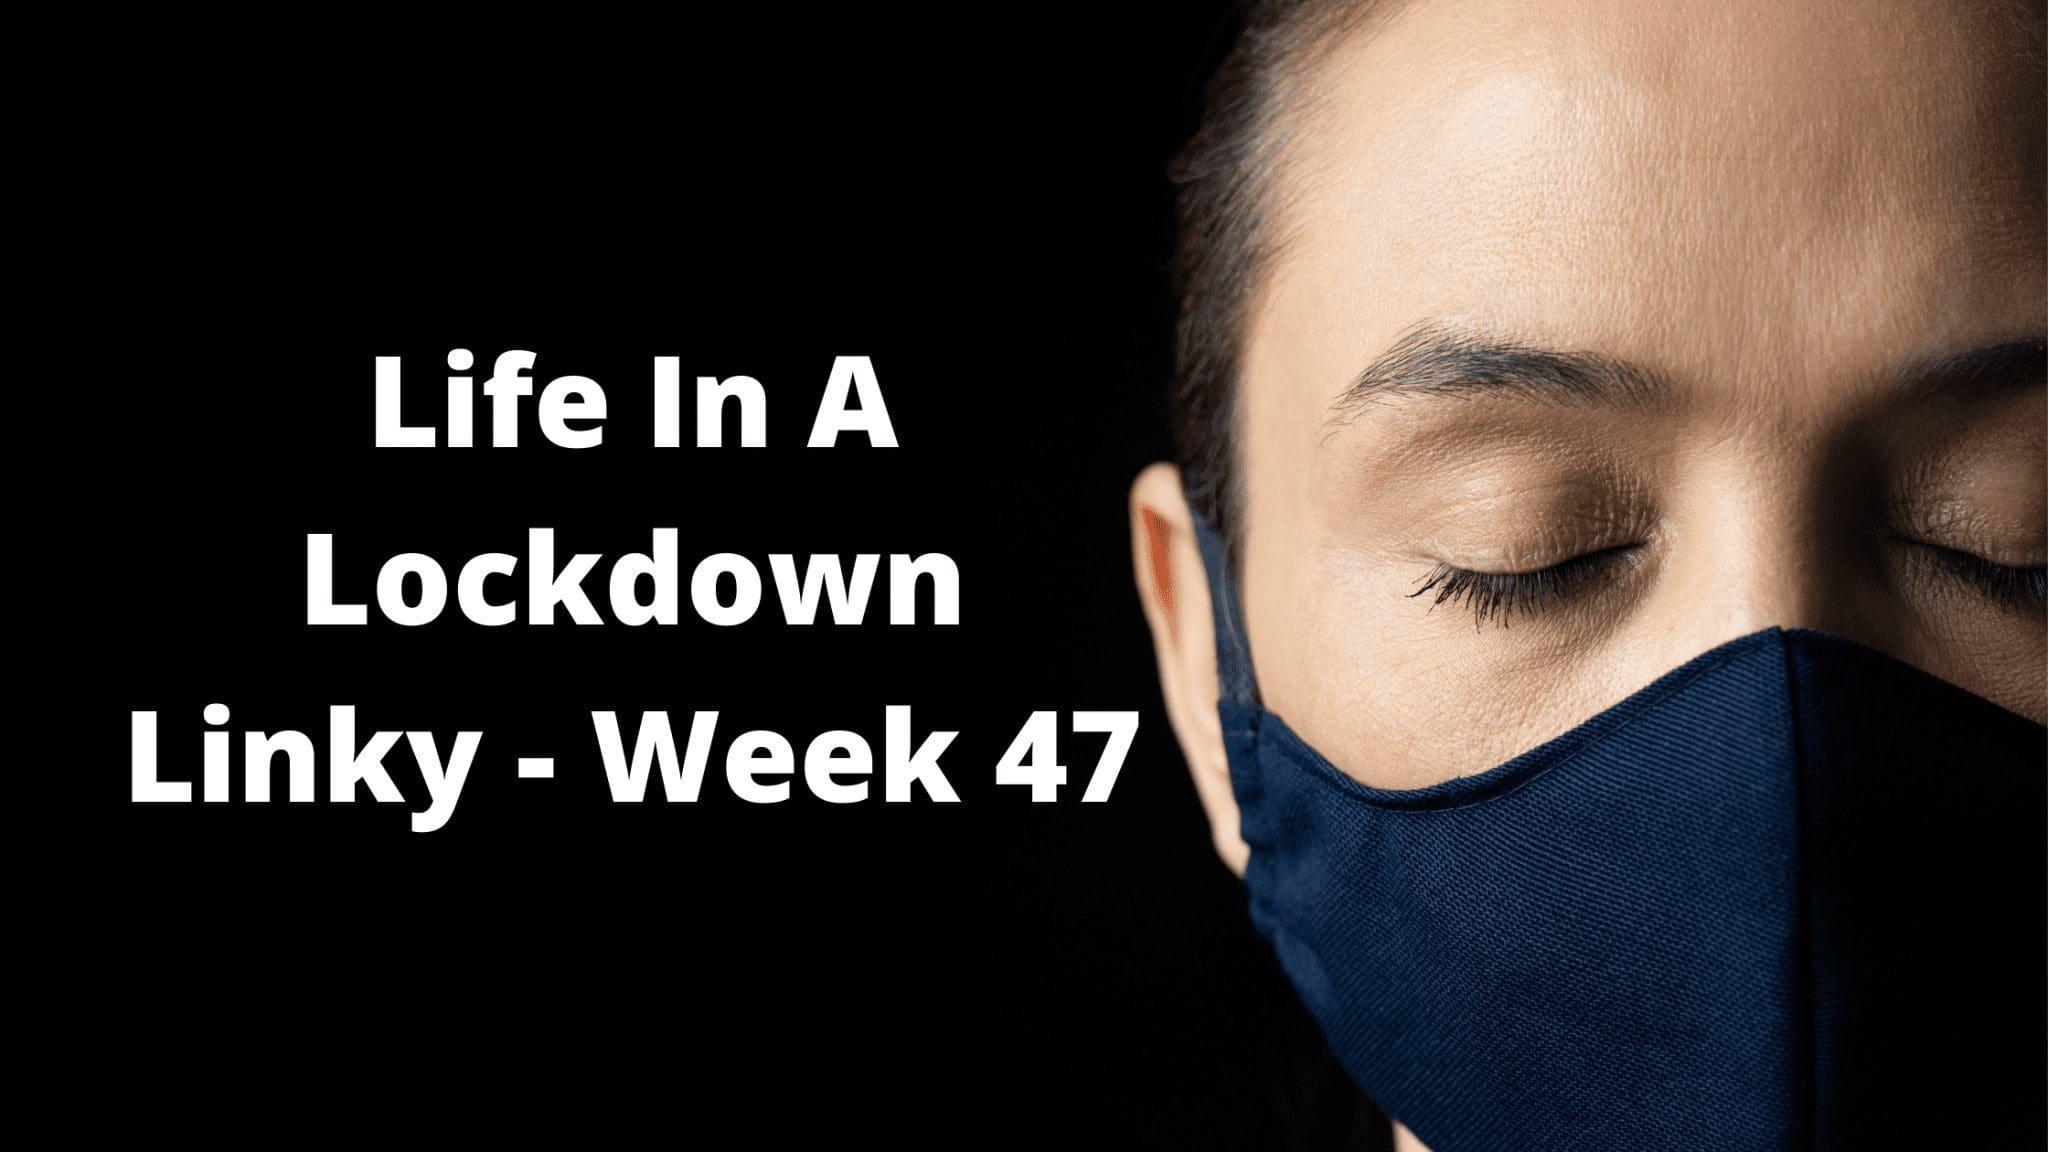 Life In A Lockdown Linky - Week 47